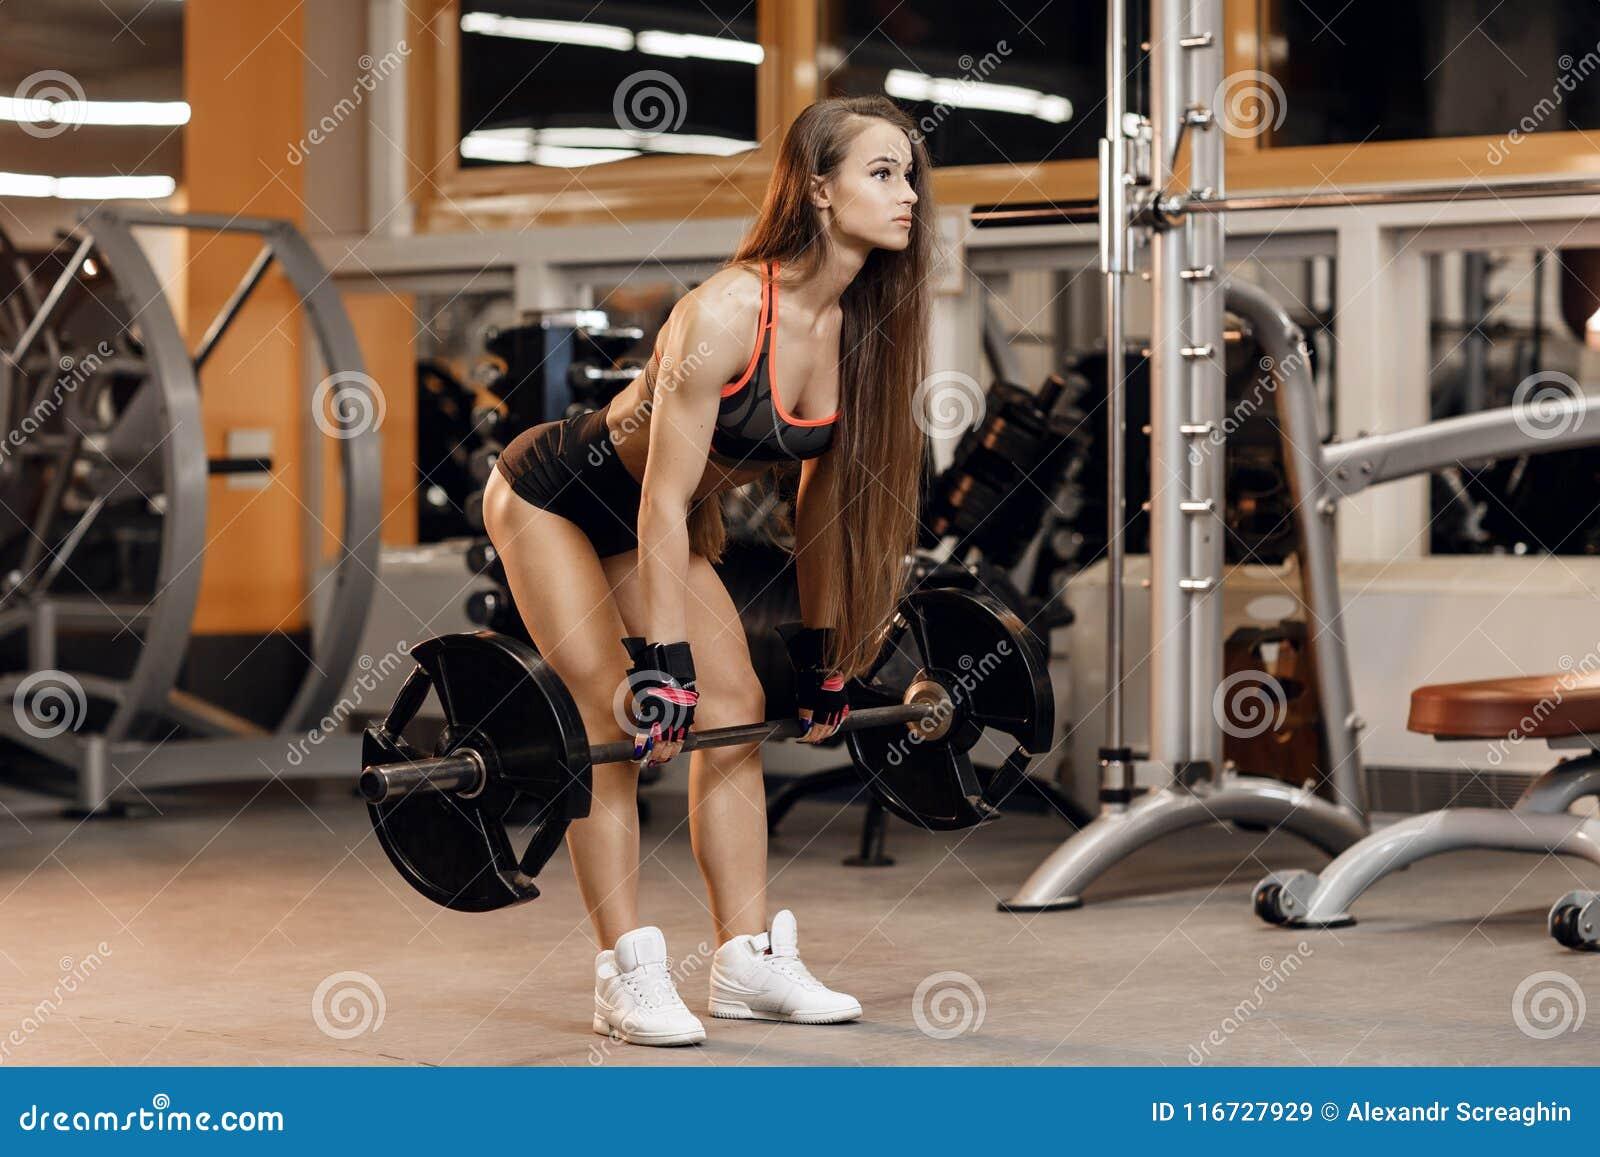 Подходящая молодая женщина делает тренировку deadlift с штангой в спортзале Спорт, фитнес, powerlifting и концепция людей